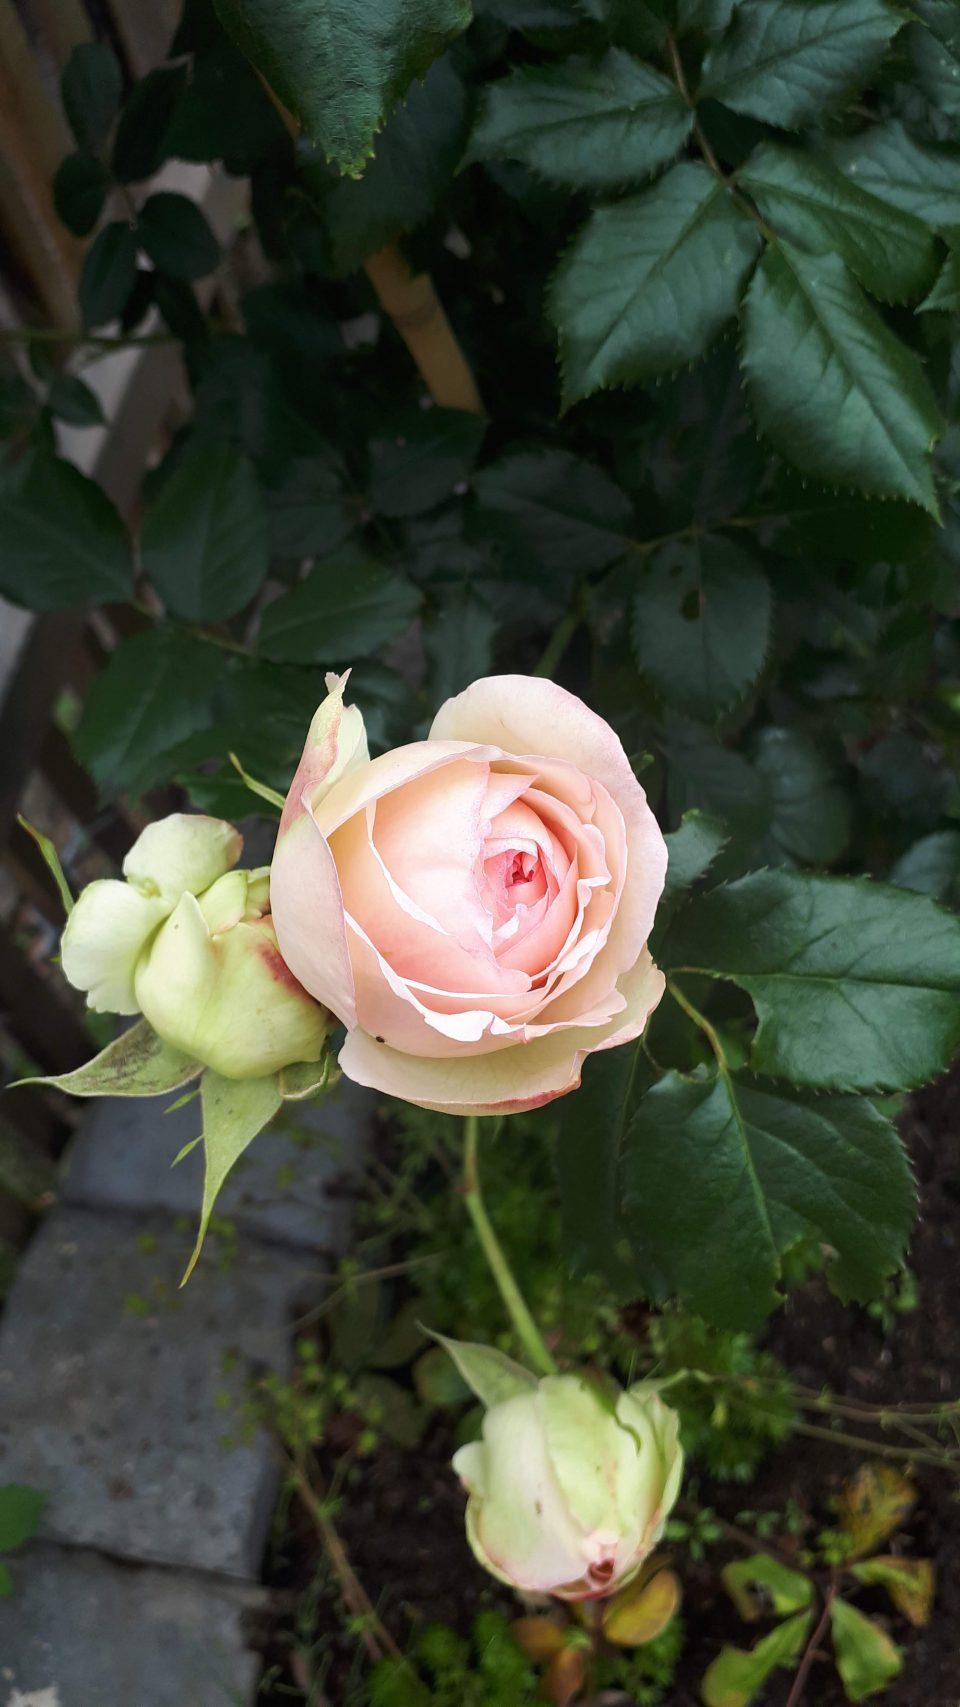 In meinem romantischen Garten gibt es eine ausgeprägte Pflanzenlust auf Rosen. Der Rosengarten mit den begleitenden Stauden hat eine zentrale Rolle inne.